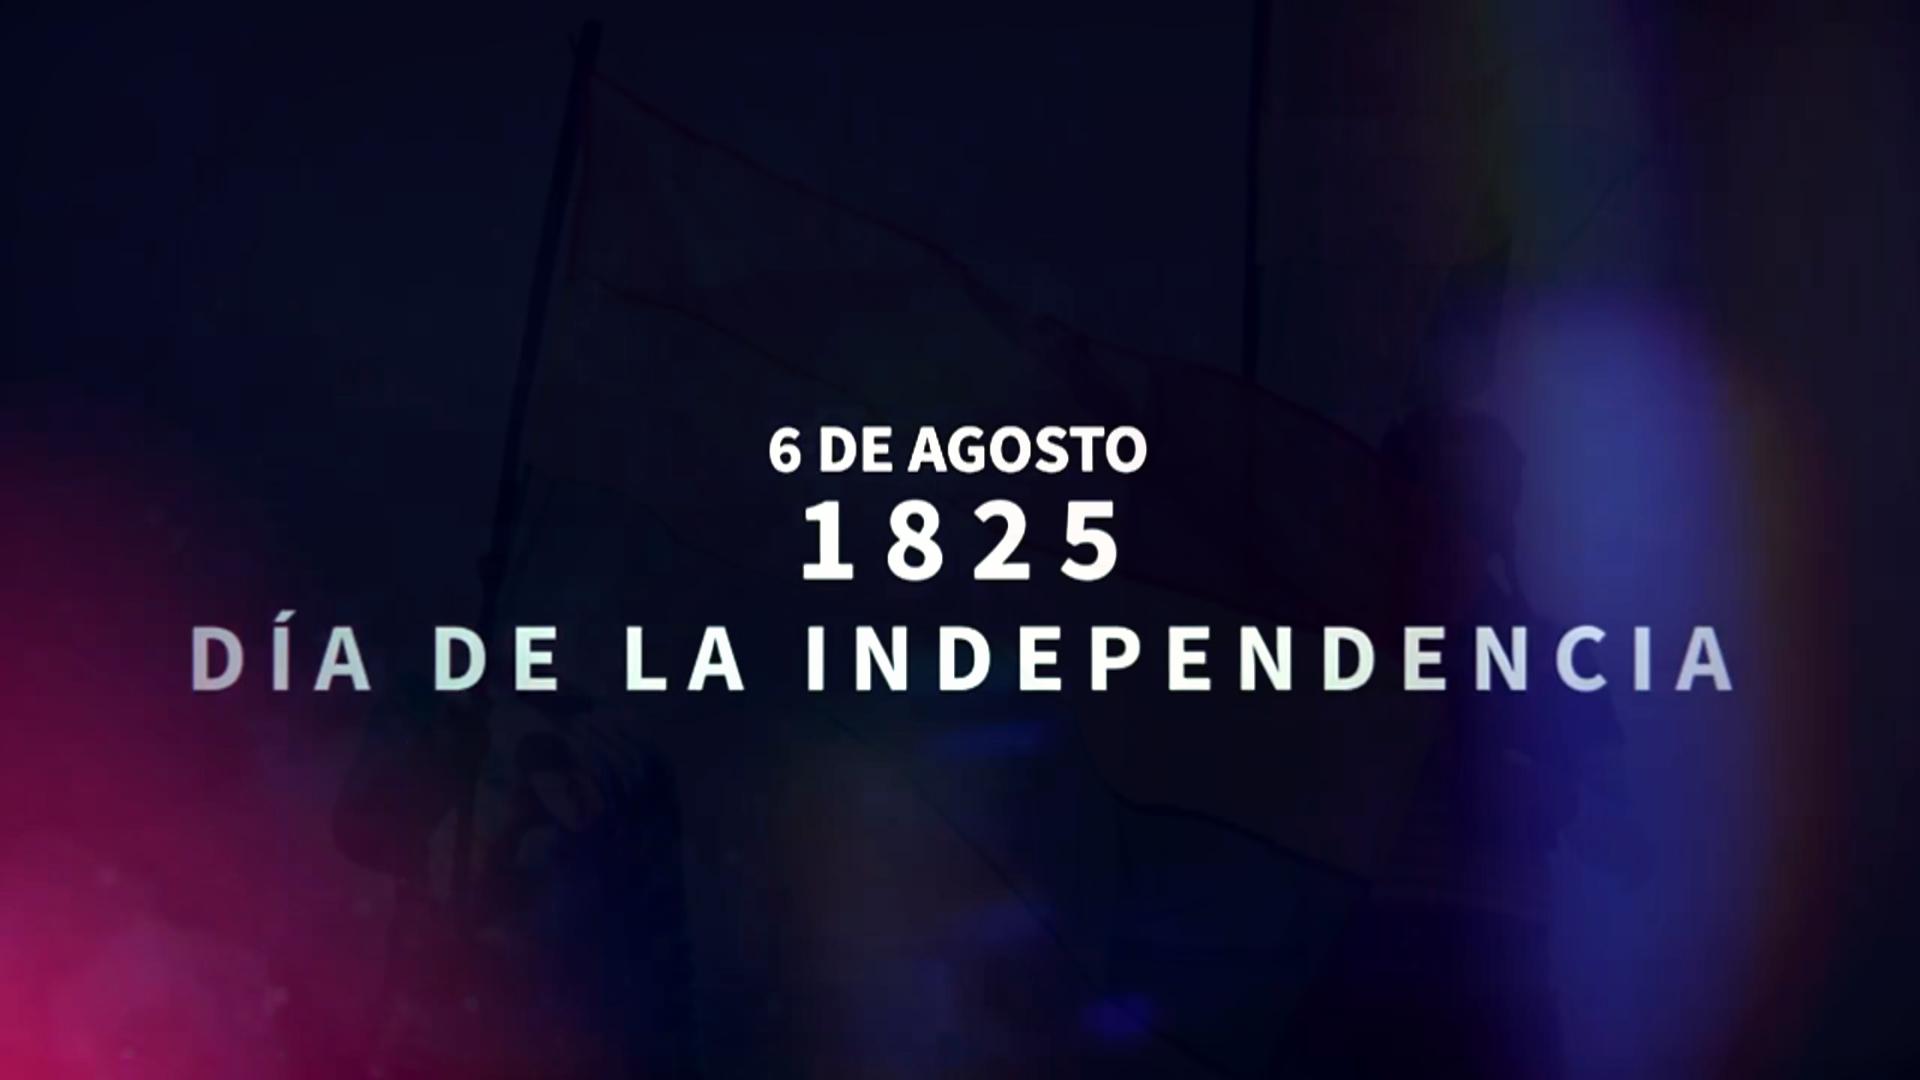 DÍA DE LA INDEPENDENCIA DE BOLIVIA